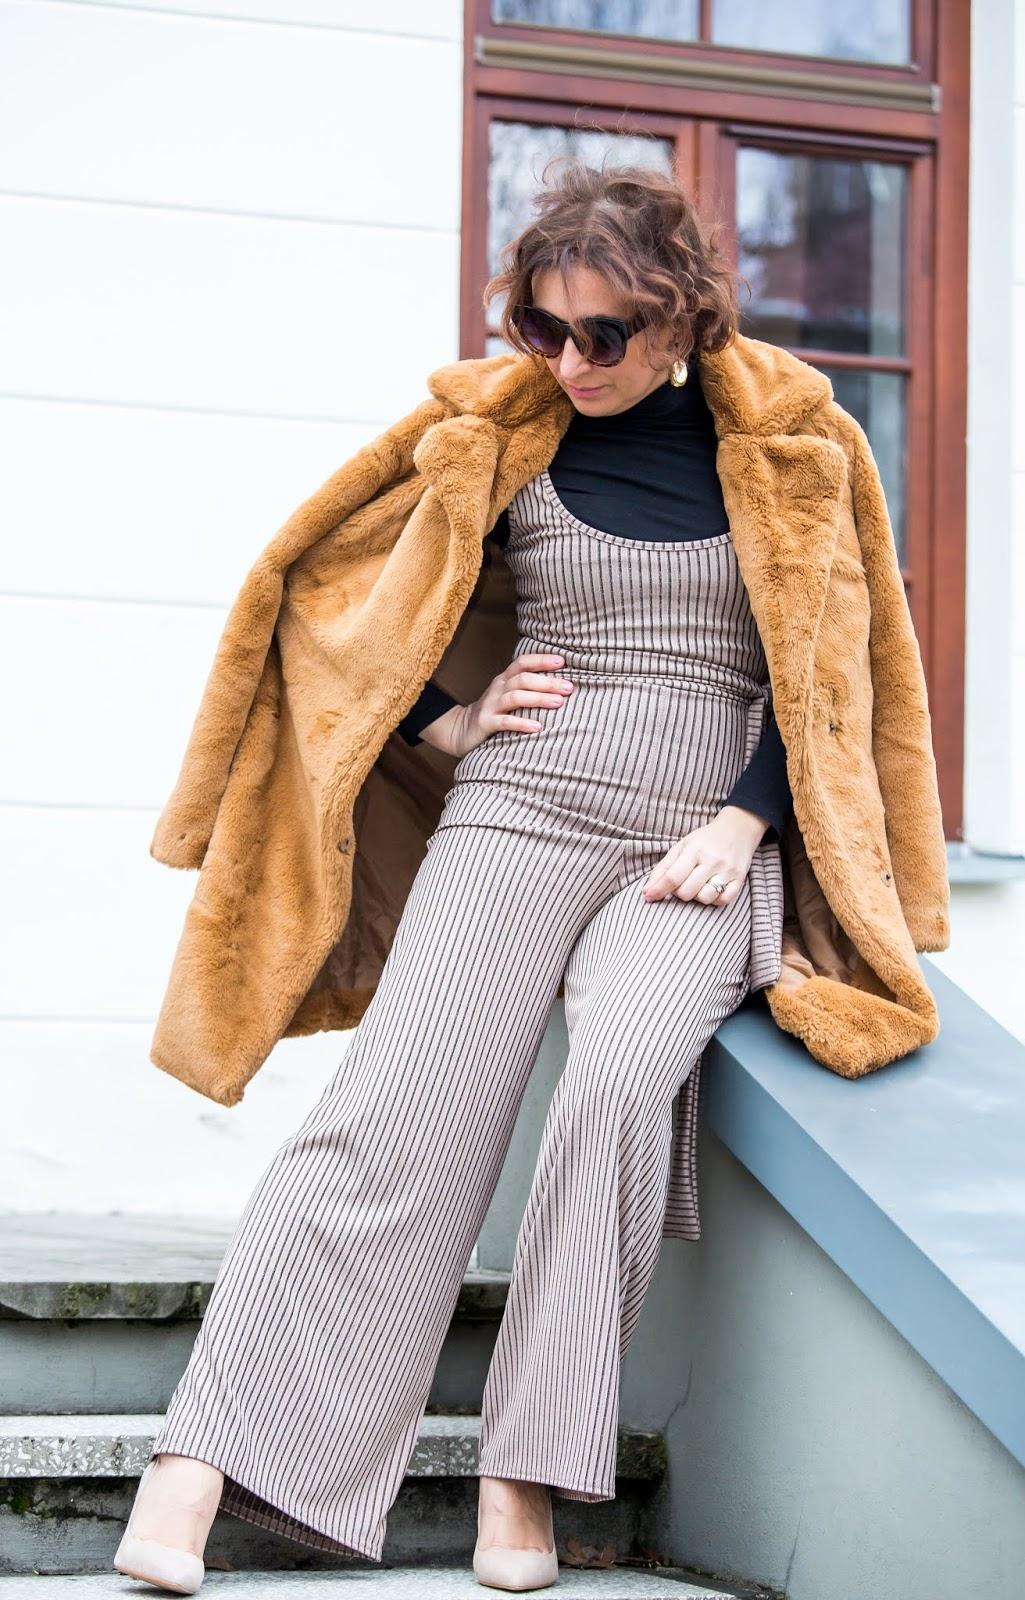 Adriana Style Blog, blog modowy Puławy, Bodycon Dress, Fashion, FemmeLuxeFinery Co-ords, FemmeLuxeFinery Dress, FemmeLuxeFinery Playsuit, Kombinezon, Playsuit, Sztuczne Futro Bonpix, Wiosenna Stylizacja